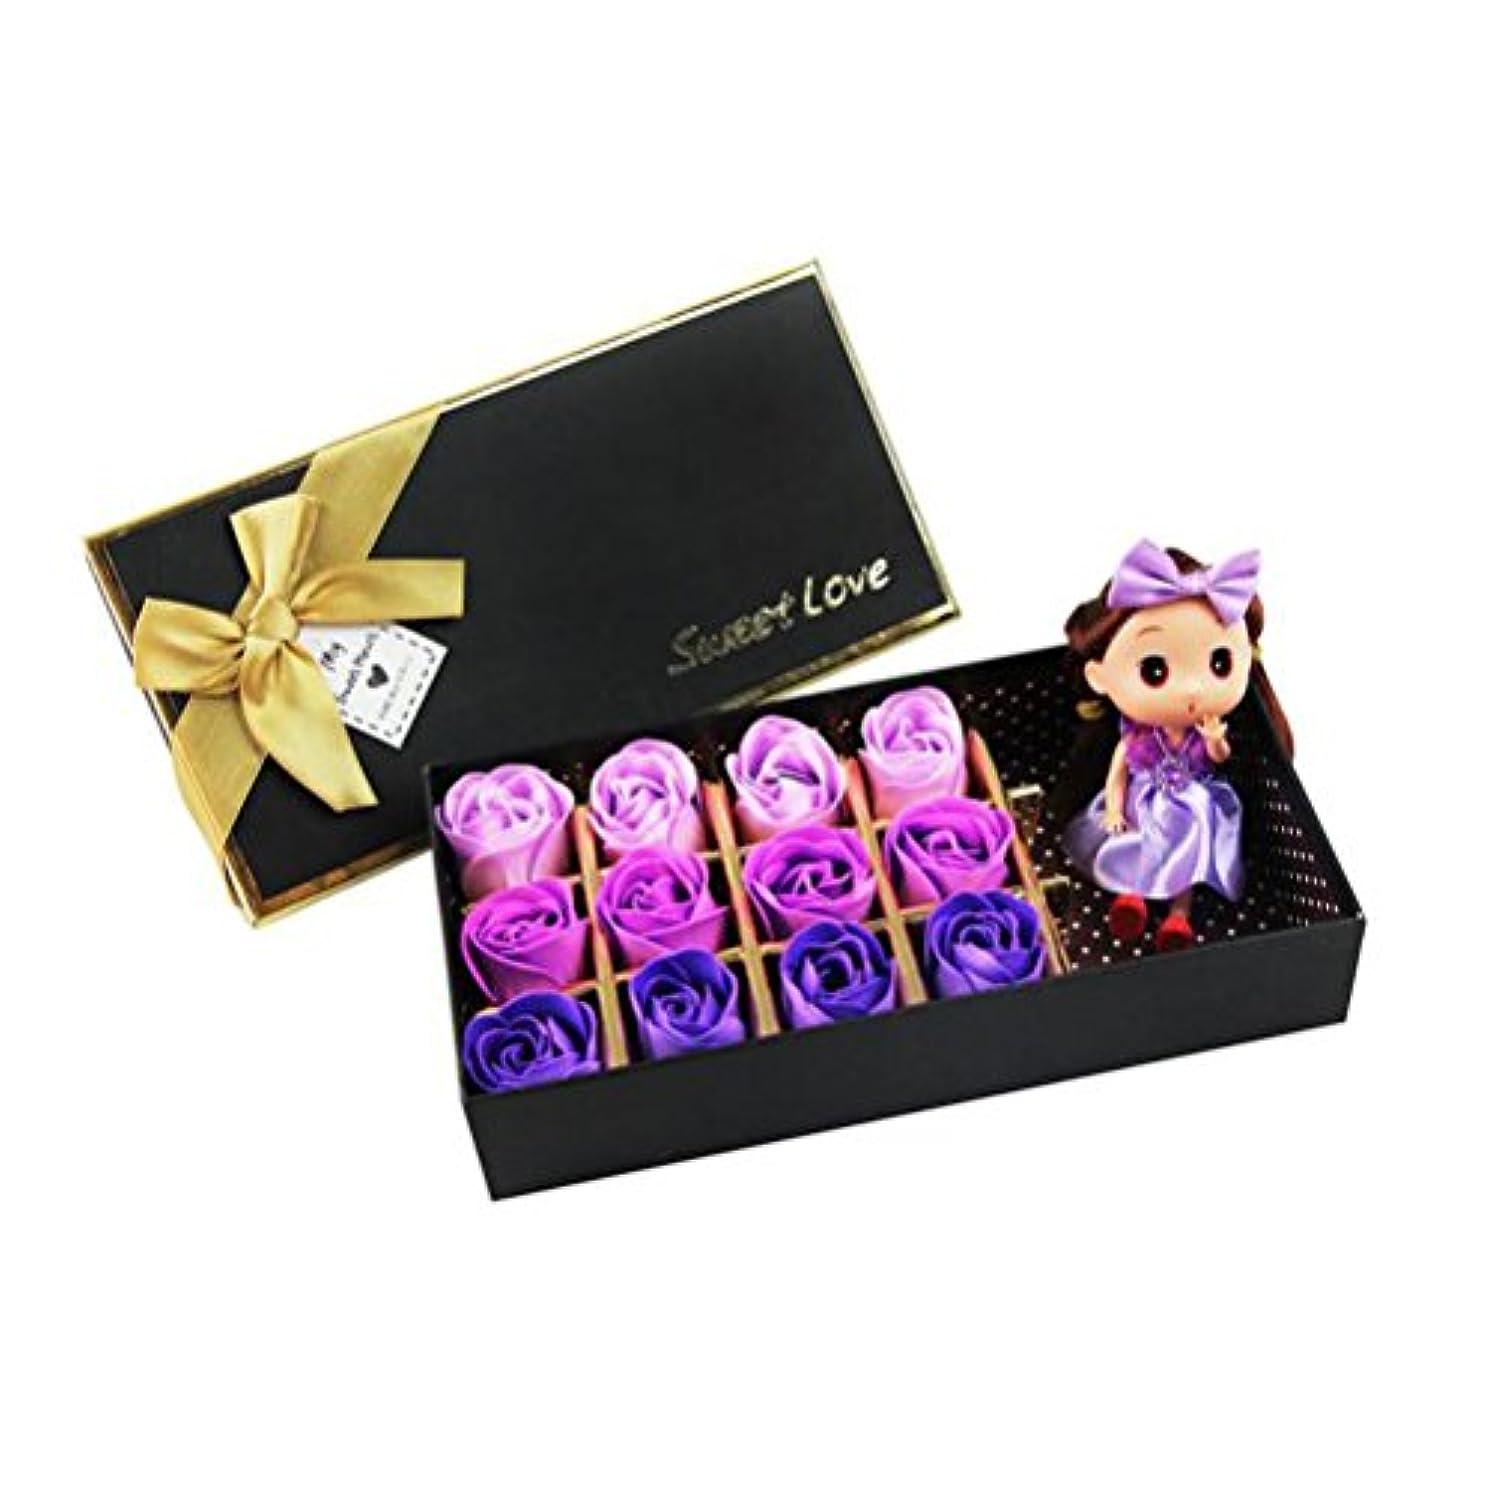 元に戻す神経障害おじいちゃんROSENICE 香り バラ 花 お風呂 石鹸 ギフトボックス (紫)